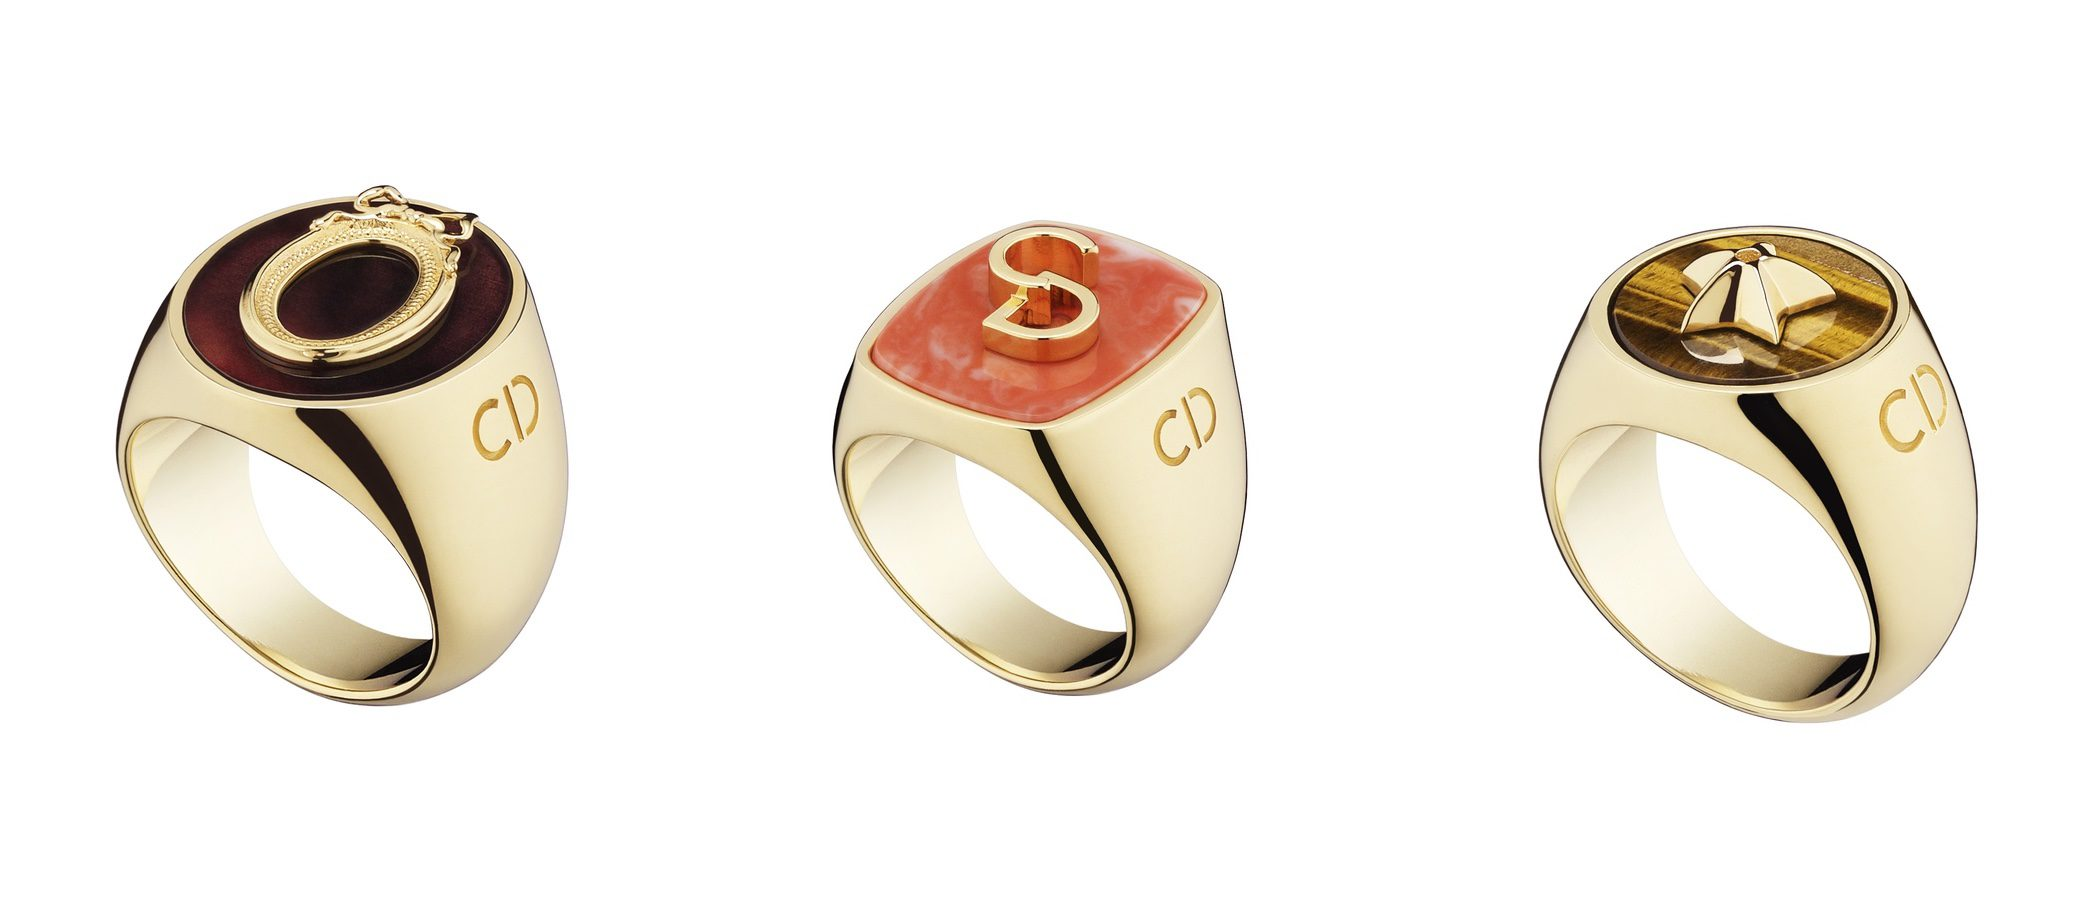 Dior lanza una colección de anillos de la suerte con símbolos de la casa como amuletos